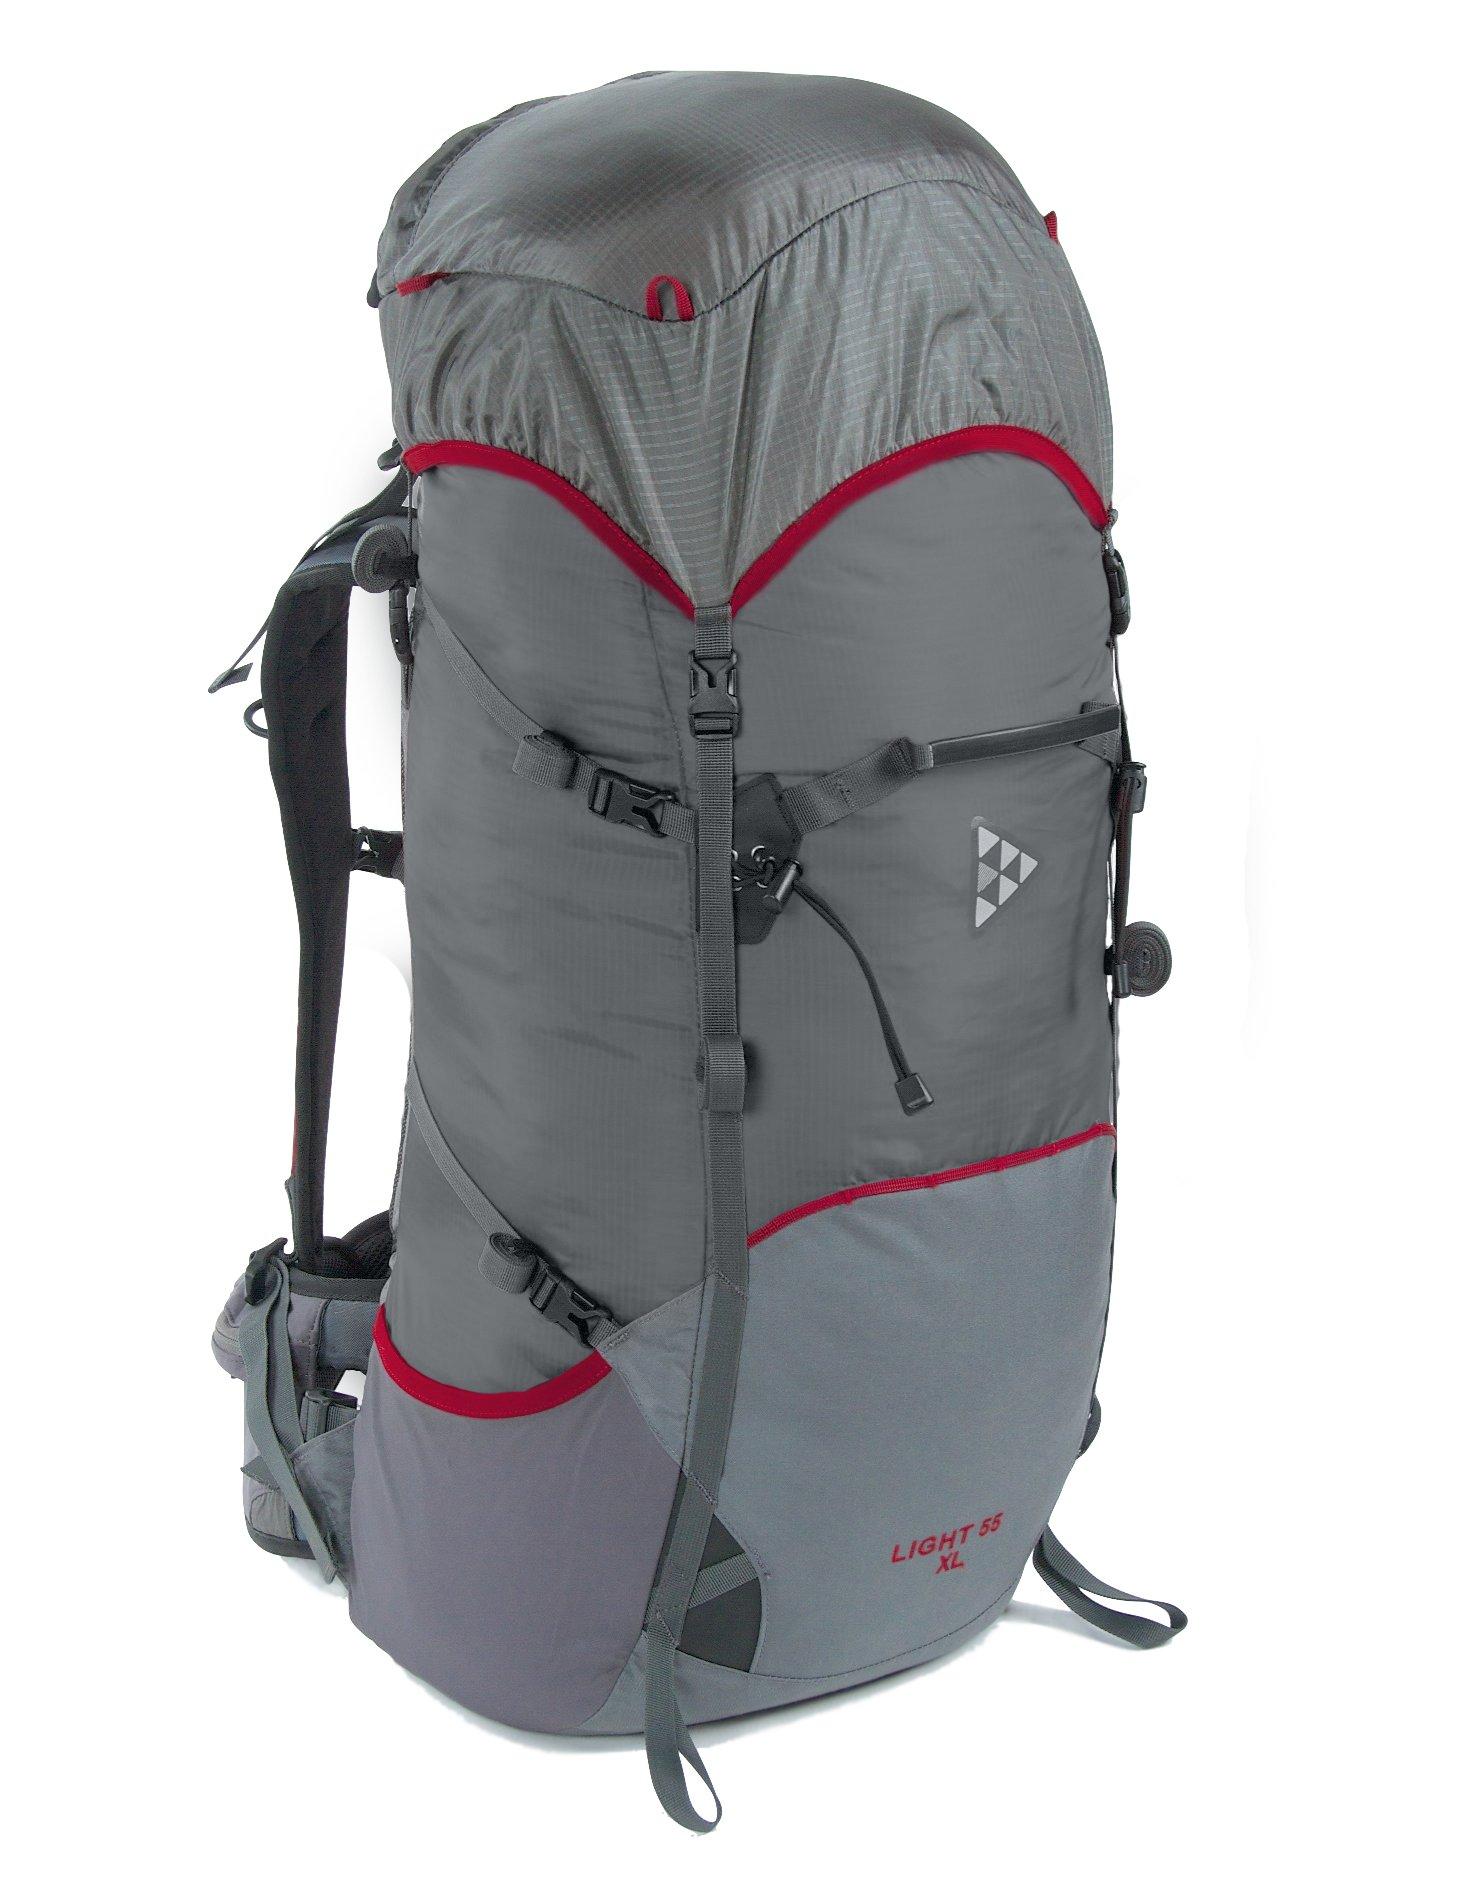 Рюкзак BASK LIGHT 55 M 5204Легкий туристический рюкзак объемом 55 литров из серии LIGHT, подойдет для легкоходов и любителей легкого снаряжения и там где нужен минимальный вес изделия.<br><br>Анатомическая конструкция спины и ремней: Да<br>Вентиляция спины: Да<br>Вес граммы: 1146<br>Вес коврика: 0.138<br>Вес съёмного клапана: 0.125<br>Внутренние карманы: Да<br>Внутренняя перегородка: Нет<br>Возможность крепления сноуборда/скейтборда/лыж: Нет<br>Грудной фиксатор: Да<br>Карман для гидратора: Нет<br>Карман для средств связи: Нет<br>Карманы на поясе: Да<br>Клапан: съемный<br>Минимальный вес: 0.68<br>Назначение: трекинговый<br>Накидка от дождя: Нет<br>Наружная навеска: навесная система позволяет крепить специальное снаряжение<br>Наружные карманы: Да<br>Нижний вход: Нет<br>Объем л.: 55<br>Регулировка объема: Да<br>Регулировка угла наклона пояса: Нет<br>Светоотражающий кант: Нет<br>Система подвески: система подвески регулируется<br>Ткань: 100D Robic® Triple Rip 2000 мм Н2О UTS<br>Усиление: 210Dx420D  Robic® Kodra<br>Усиление дна: Да<br>Фурнитура: W.J., YKK®<br>Цвет: СЕРЫЙ